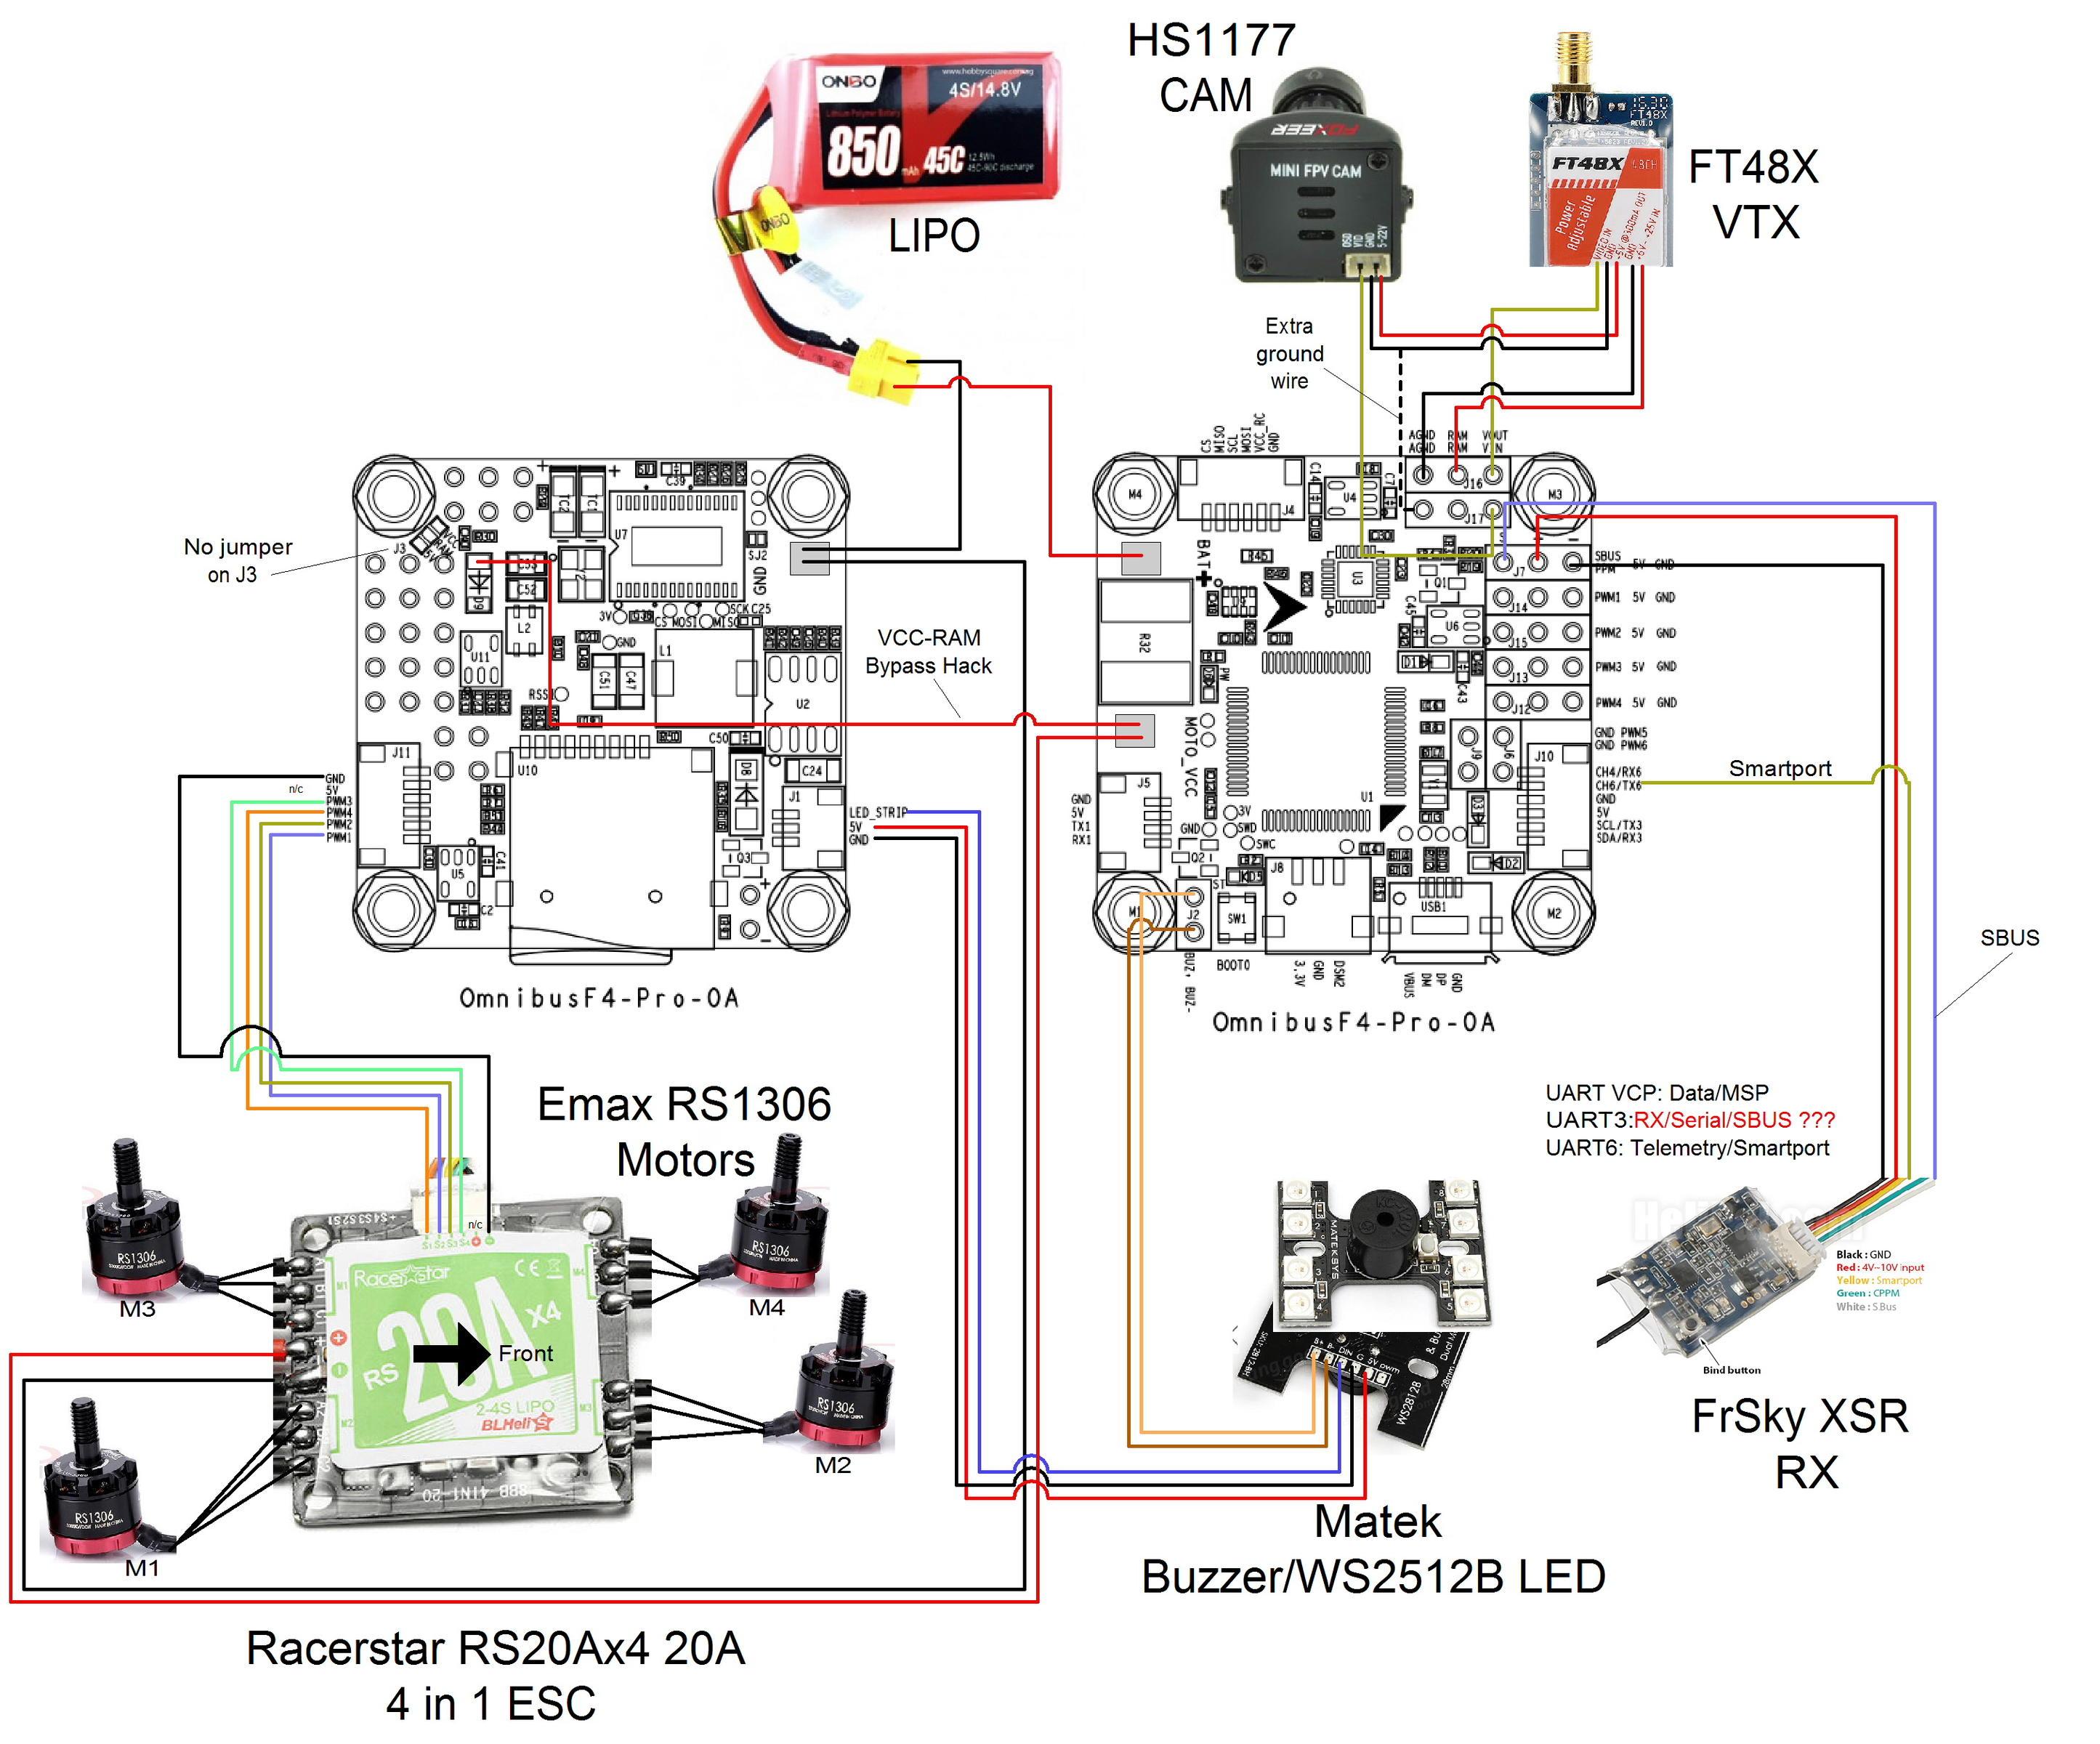 20170519144903 정품] omnibus f4 pro v2컨트롤 보드[(주)용산알씨] omnibus f4 pro wiring diagram at gsmportal.co